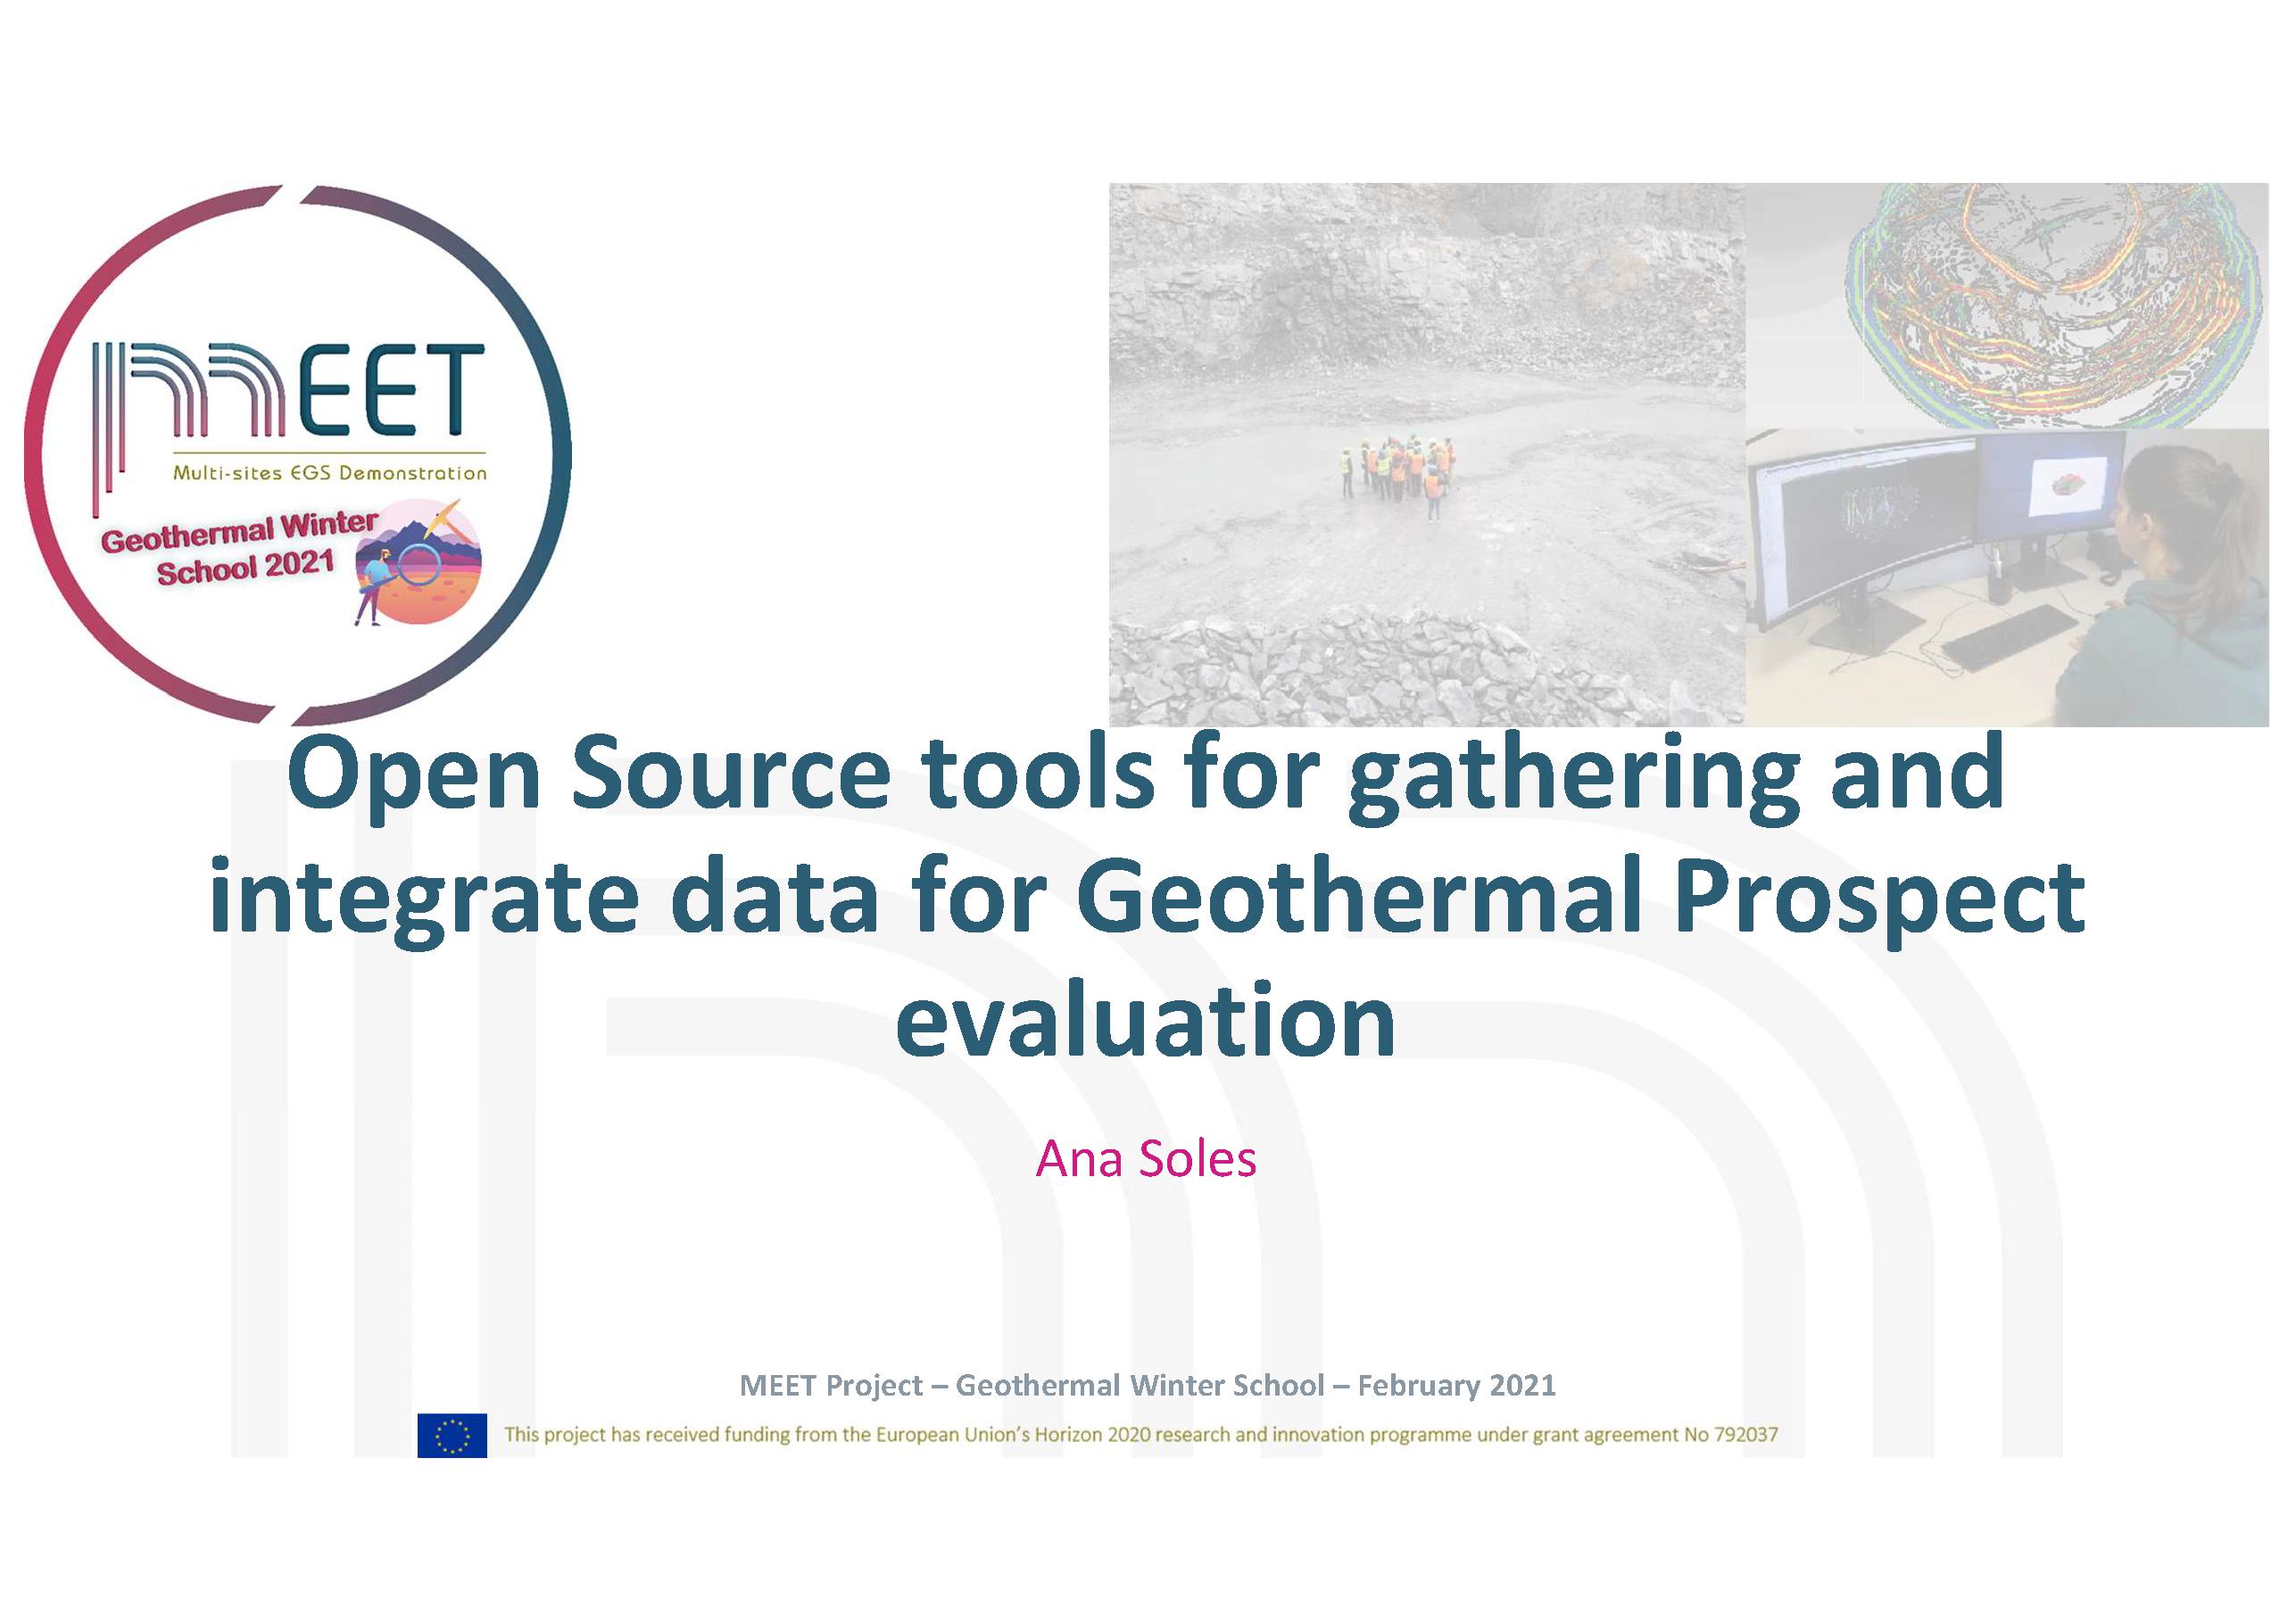 MEET Geothermal Winter School Soles first slide visual